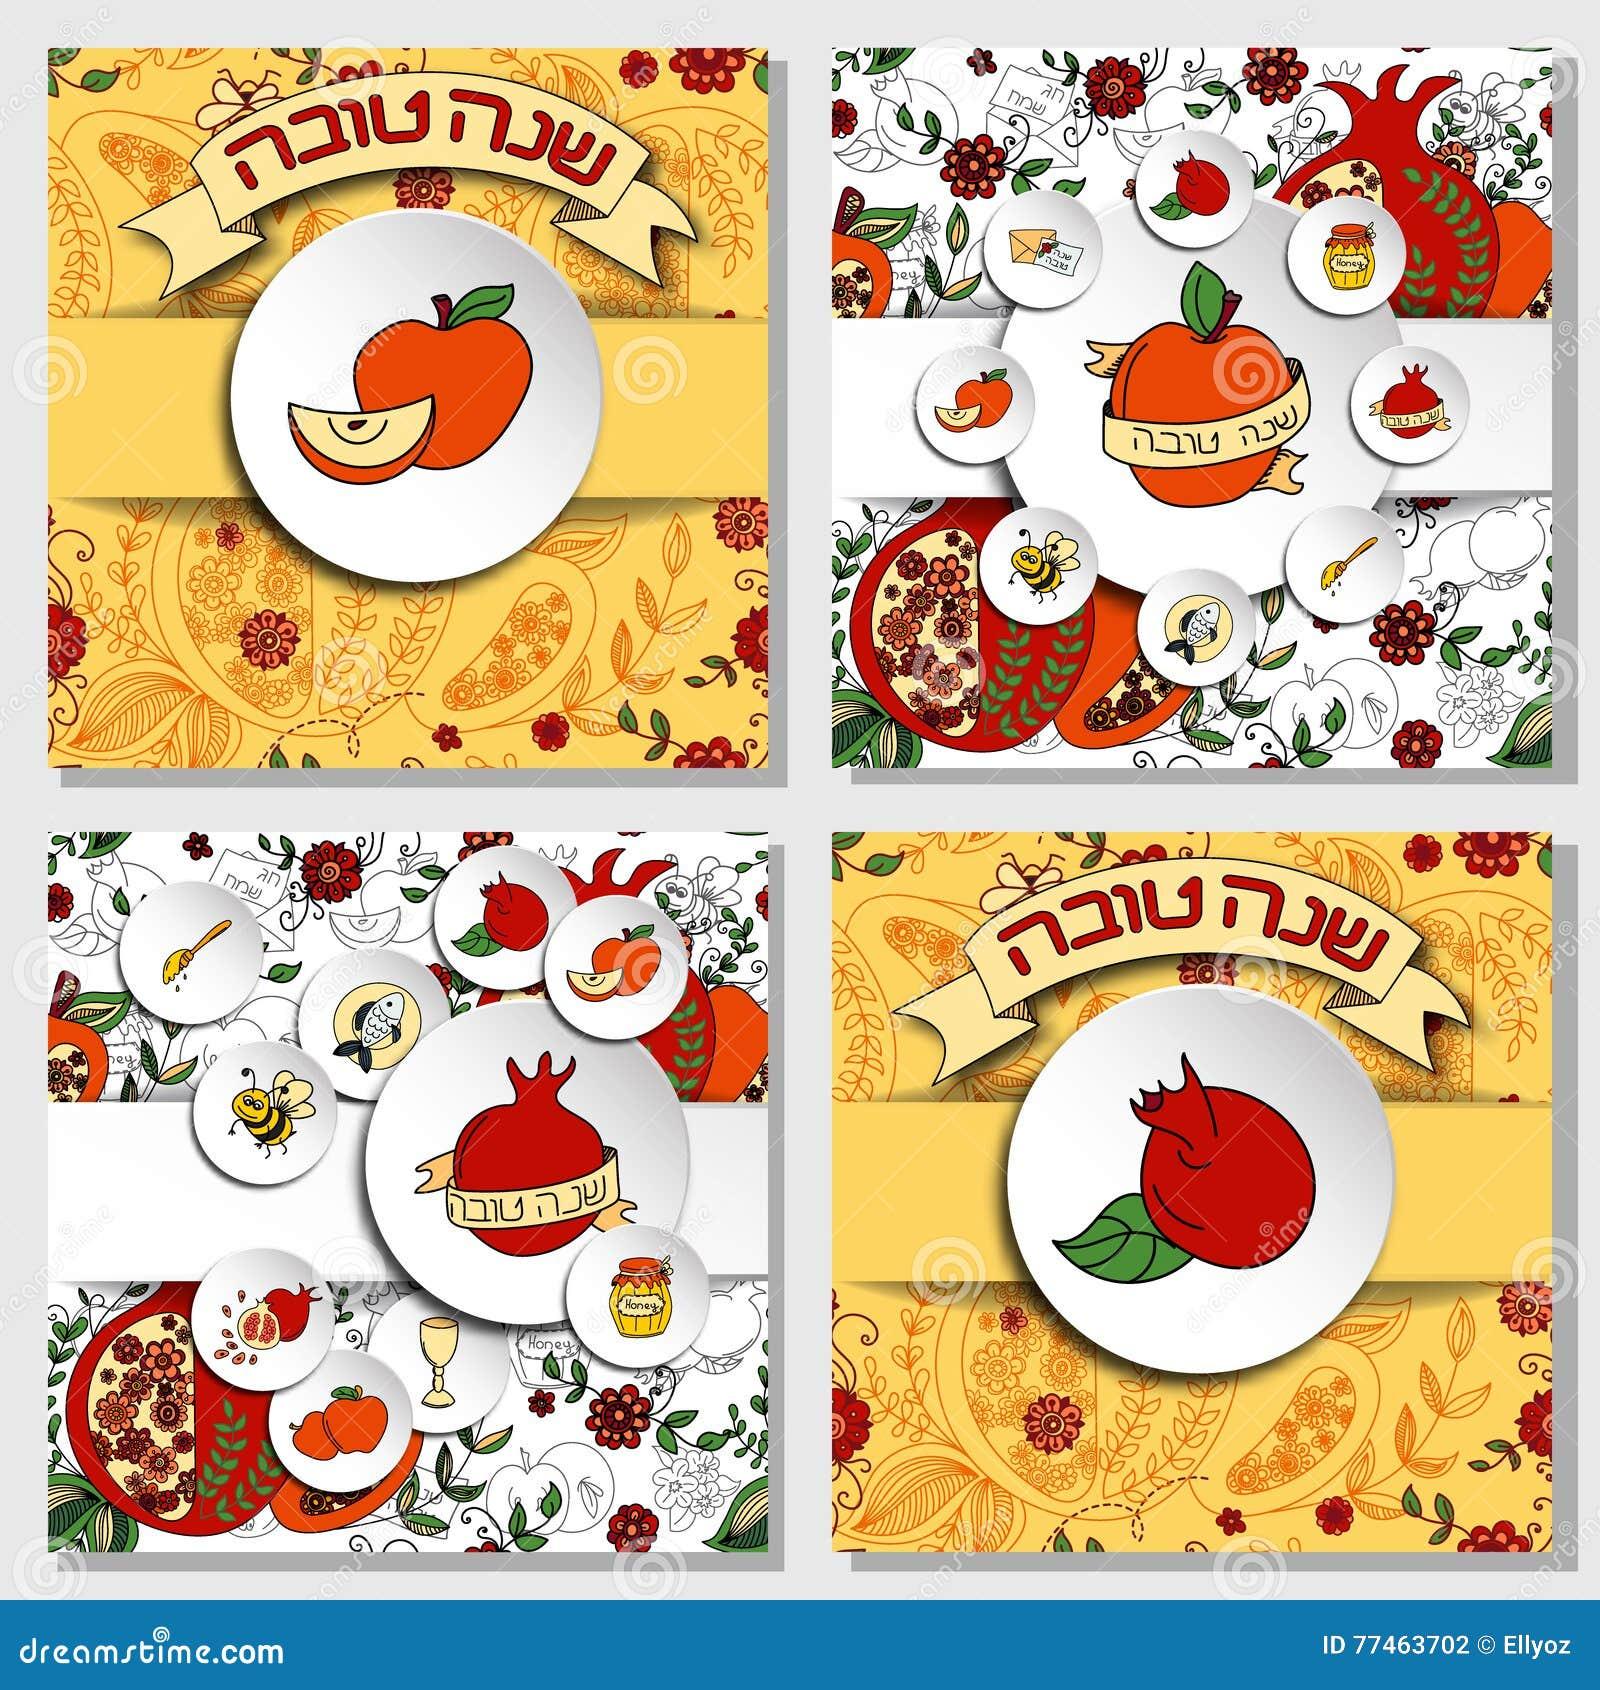 Rosh hashanah jewish new year greeting cards set stock vector rosh hashanah jewish new year greeting cards set royalty free vector m4hsunfo